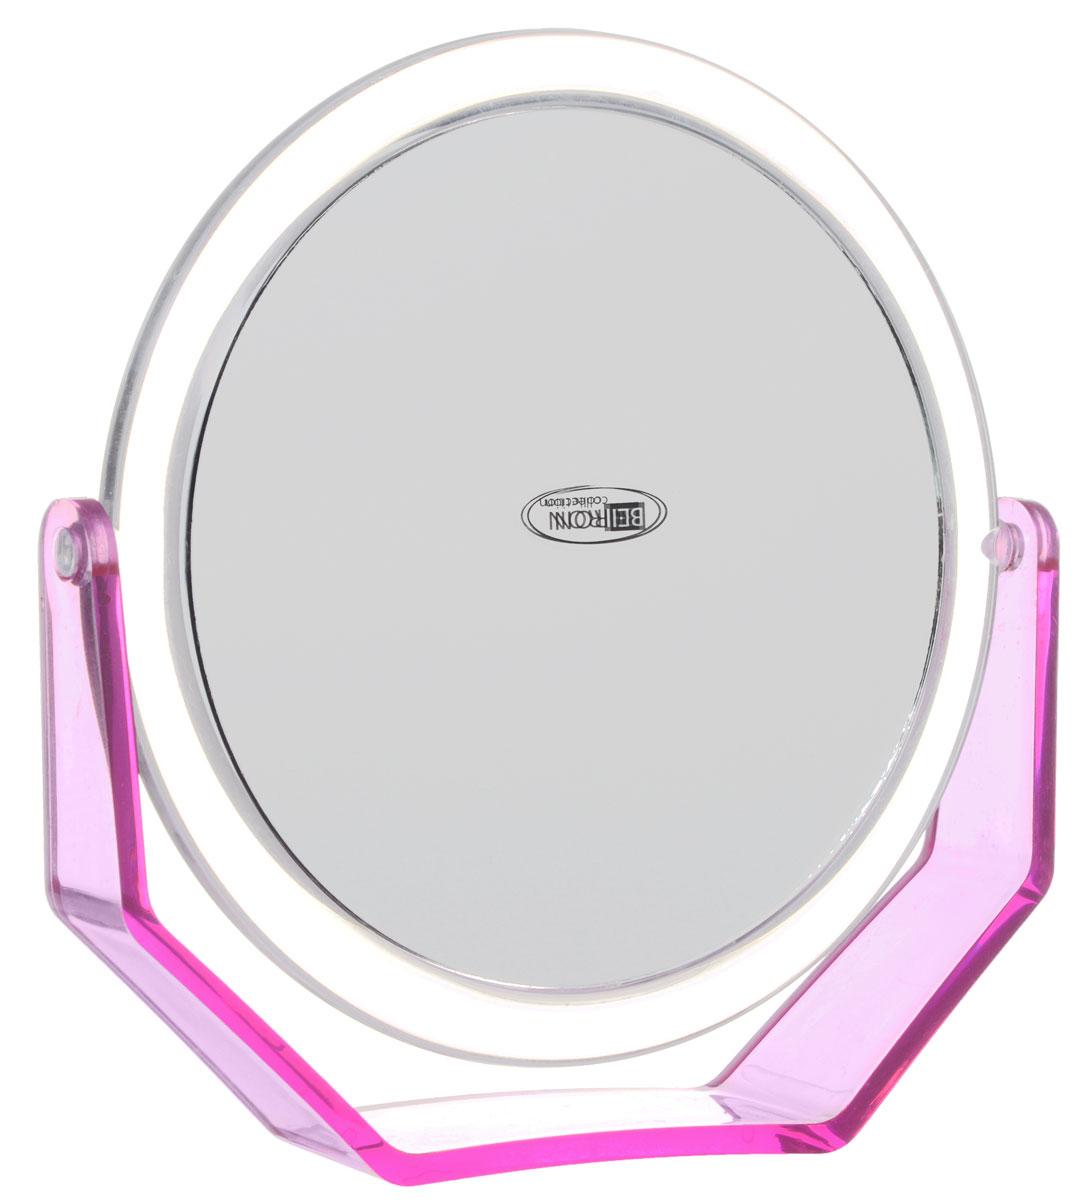 Beiron Зеркало косметическое, настольное, двустороннее, цвет: розовый. 530-1129530-1129Косметическое зеркало Beiron в пластиковой оправе идеально подходит для утреннего туалета и макияжа, где бы вы ни были. С одной стороны обычное зеркало, с другой - с 2-х кратным увеличением.